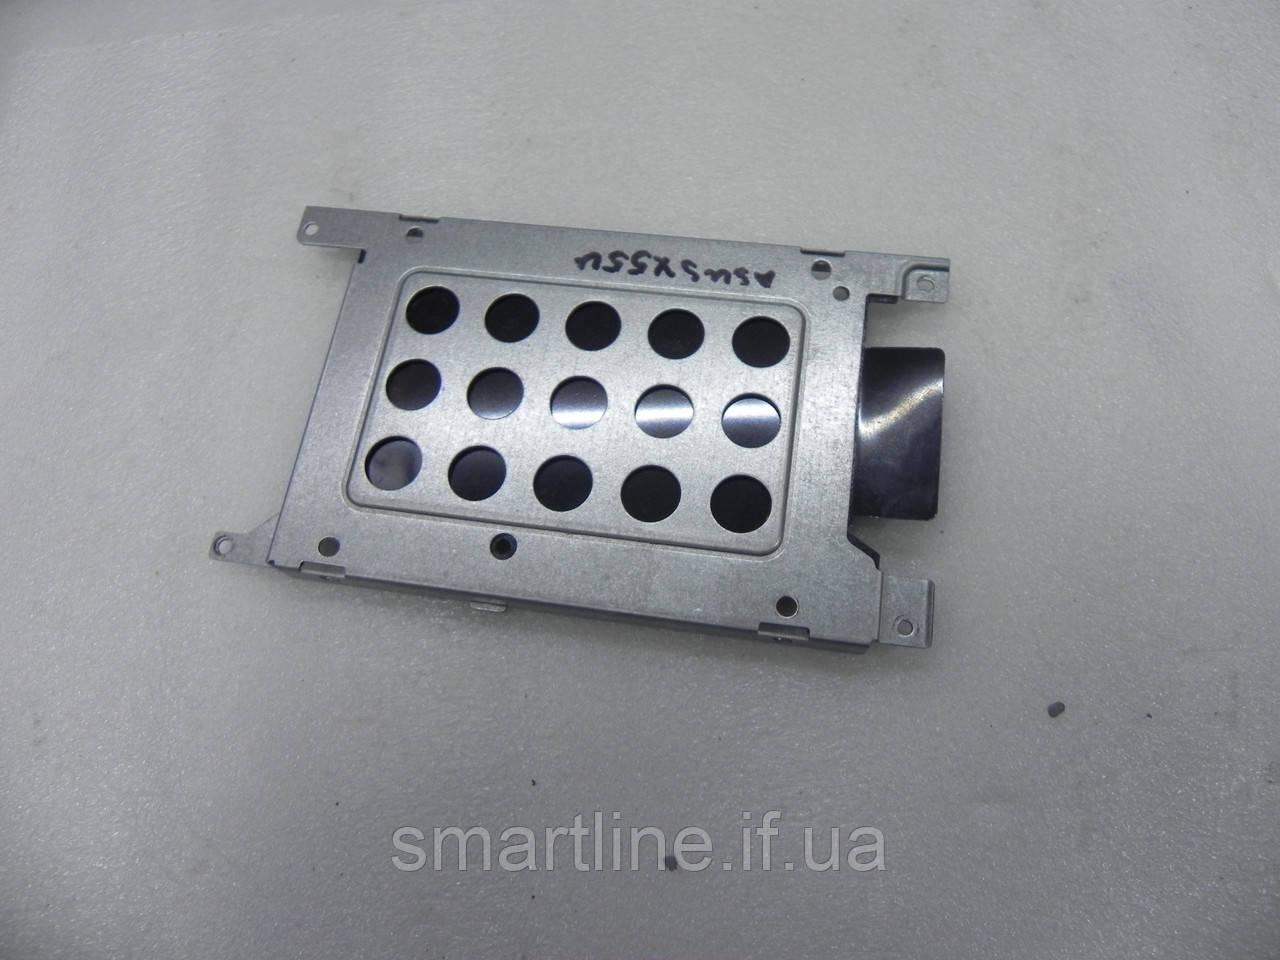 Шахта HDD для ноутбука Asus X55A, X55U, б/в